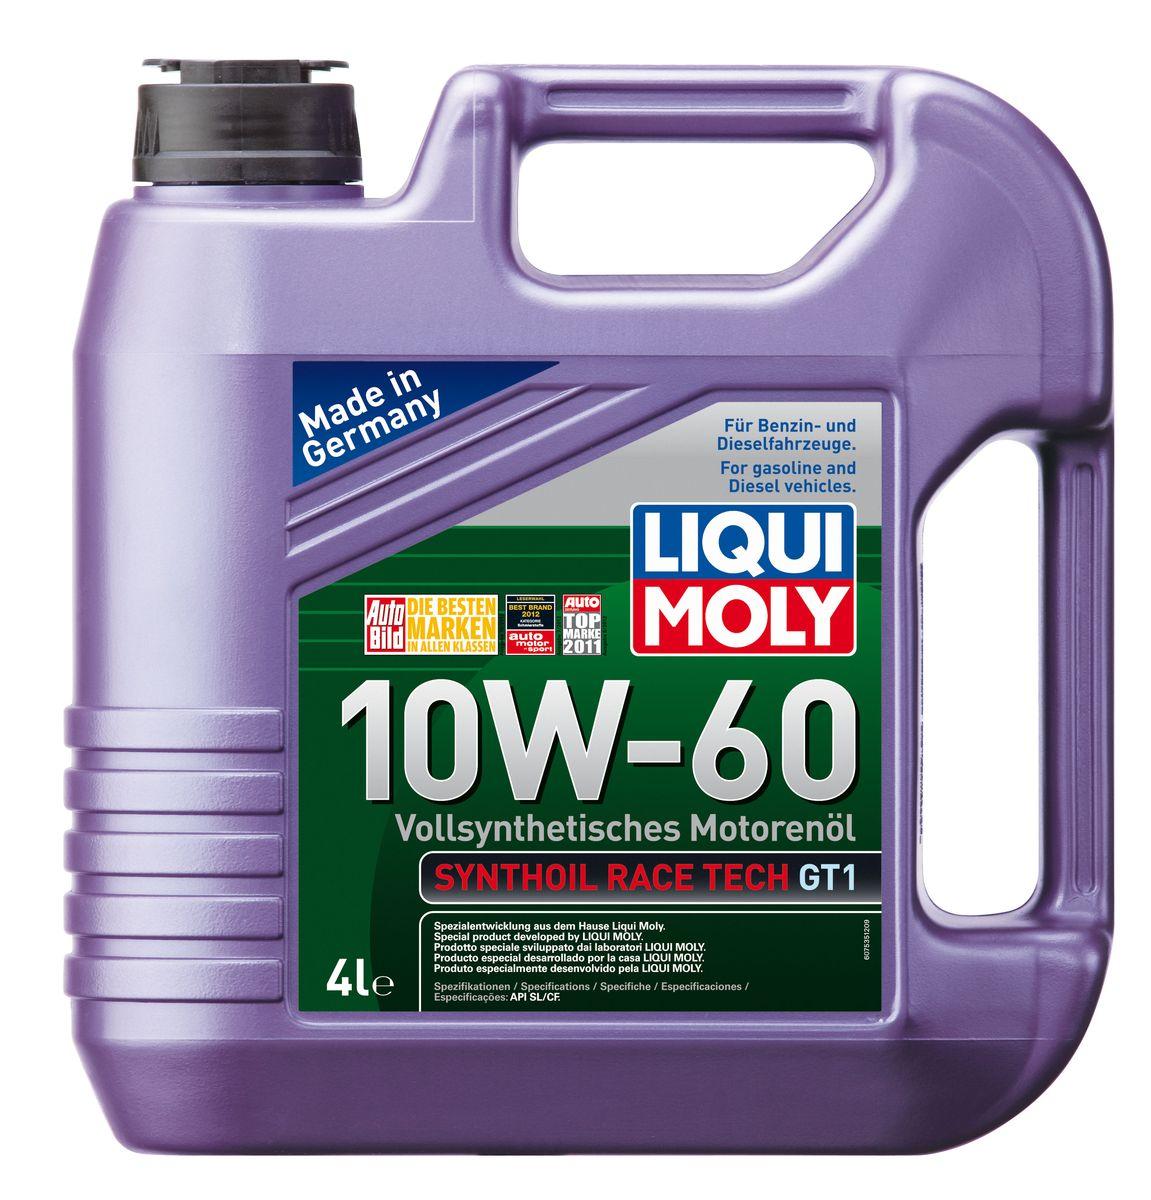 Масло моторное Liqui Moly Synthoil Race Tech GT1, синтетическое, 10W-60, 4 лS03301004Масло моторное Liqui Moly Synthoil Race Tech GT1 - 100% синтетическое моторное масло на базе полиальфаолефинов (ПАО) для спортивных автомобилей со специально подготовленными моторами. Свойства ПАО-синтетики и высокая вязкость позволяют обеспечить необходимую смазку и защиту деталей двигателя в условиях экстремальных нагрузок на двигатель, характерных для спорта. Использование новейших, полностью синтетических компонентов базового масла и специальных технологий в области создания присадок формирует на поверхностях деталей прочнейшую смазочную пленку, которая гарантирует непревзойденную защиту всех деталей двигателя, в том числе от пиковых перегрузок и разрушительного воздействия высоких температур. Особенности: - Высочайшая стабильность к экстремально высоким рабочим температурам- Чрезвычайно малые потери масла на испарение- Надежное поступление масла ко всем деталям двигателя даже в экстремальных условиях автогонок- Высочайшие защитные свойства- Превосходная термоокислительная стабильность и устойчивость к старению- Отличные показатели чистоты двигателя- Создано специально для высокофорсированных и турбированных двигателей спортивных автомобилейДопуск: -API: CF/SL-ACEA: A3/B4Соответствие: -Fiat: 9.55535-H3